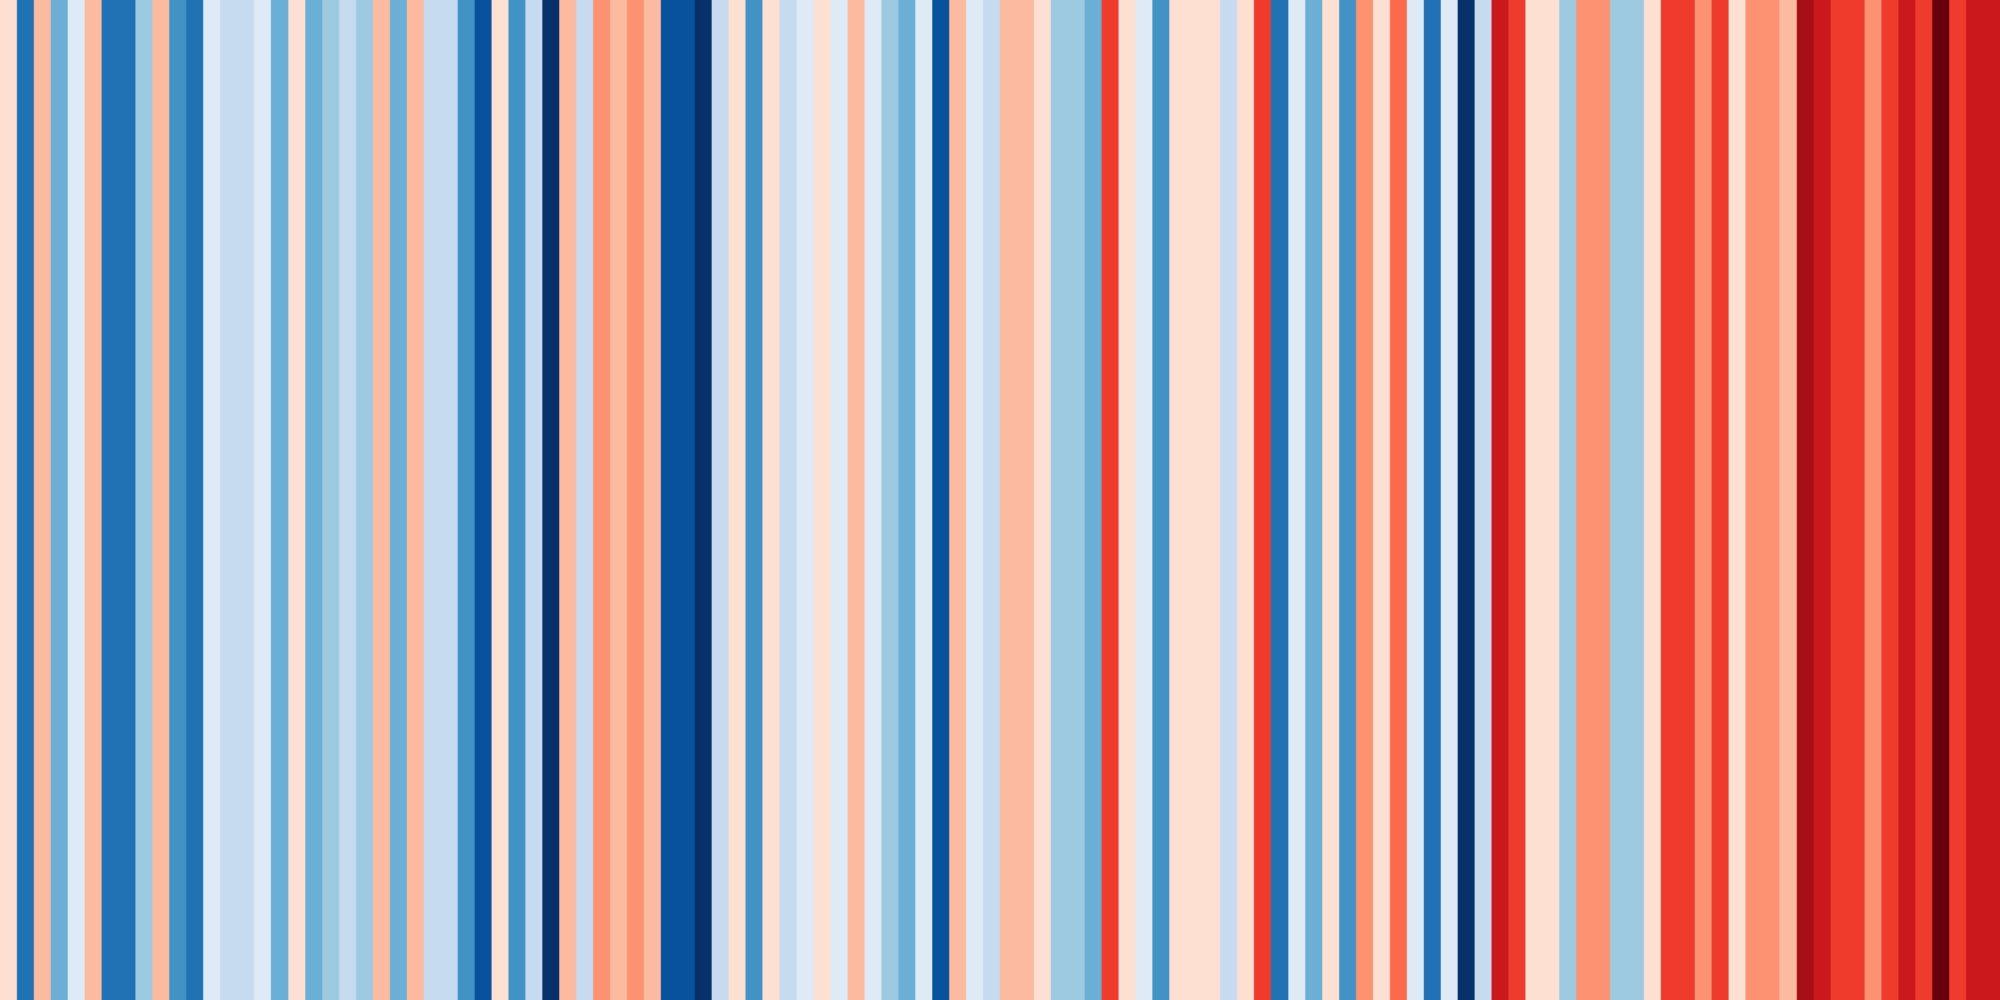 Як змінювалася погода в Україні протягом 117 років? - зміна клімату - 17 pogoda Ukrayna 2000x1000